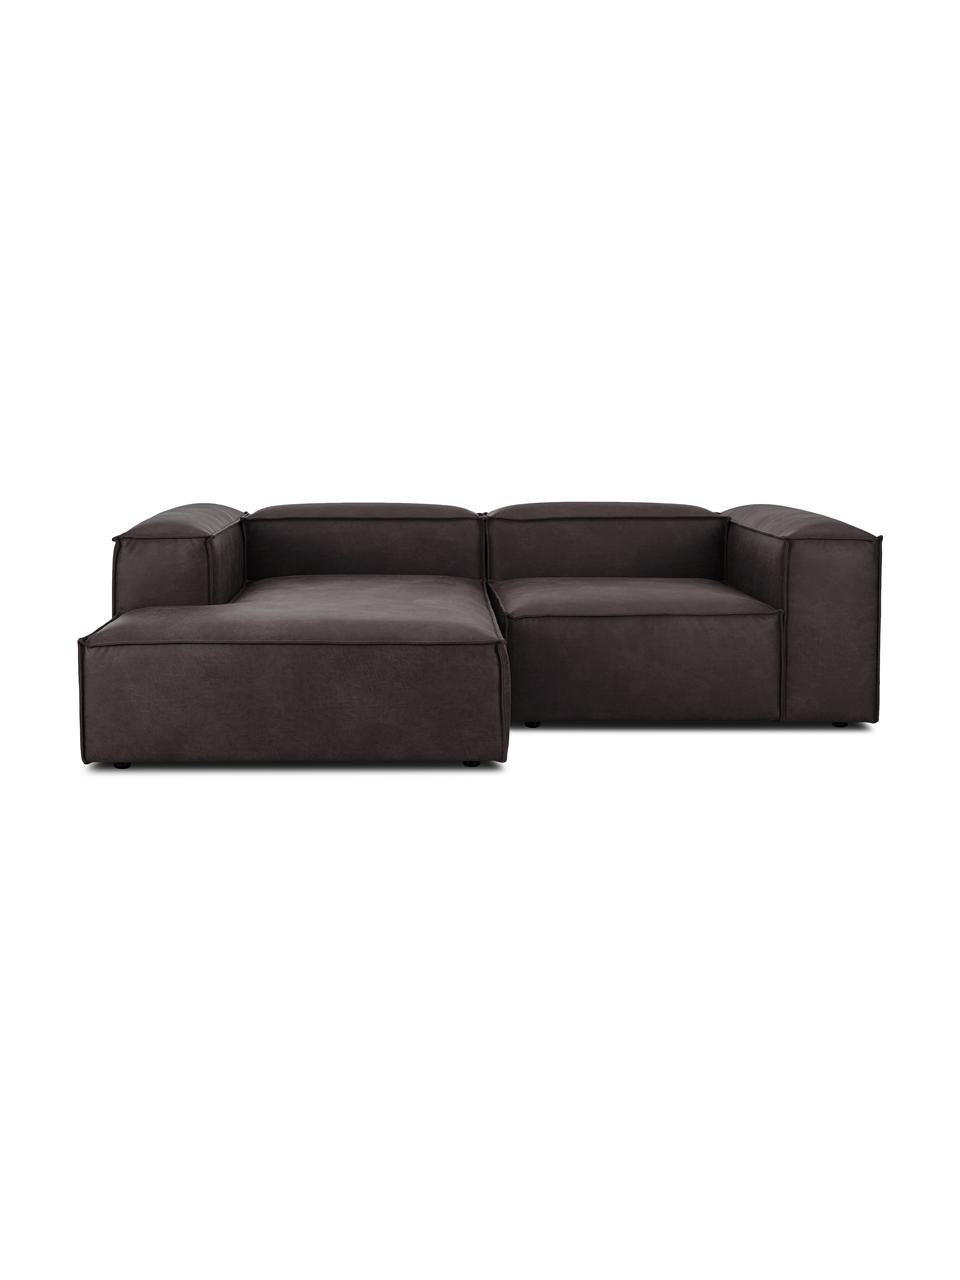 Narożna sofa modułowa ze skóry z recyklingu Lennon, Tapicerka: skóra pochodząca z recykl, Stelaż: lite drewno sosnowe, skle, Nogi: tworzywo sztuczne Nogi zn, Skórzany szarobrązowy, S 238 x G 180 cm